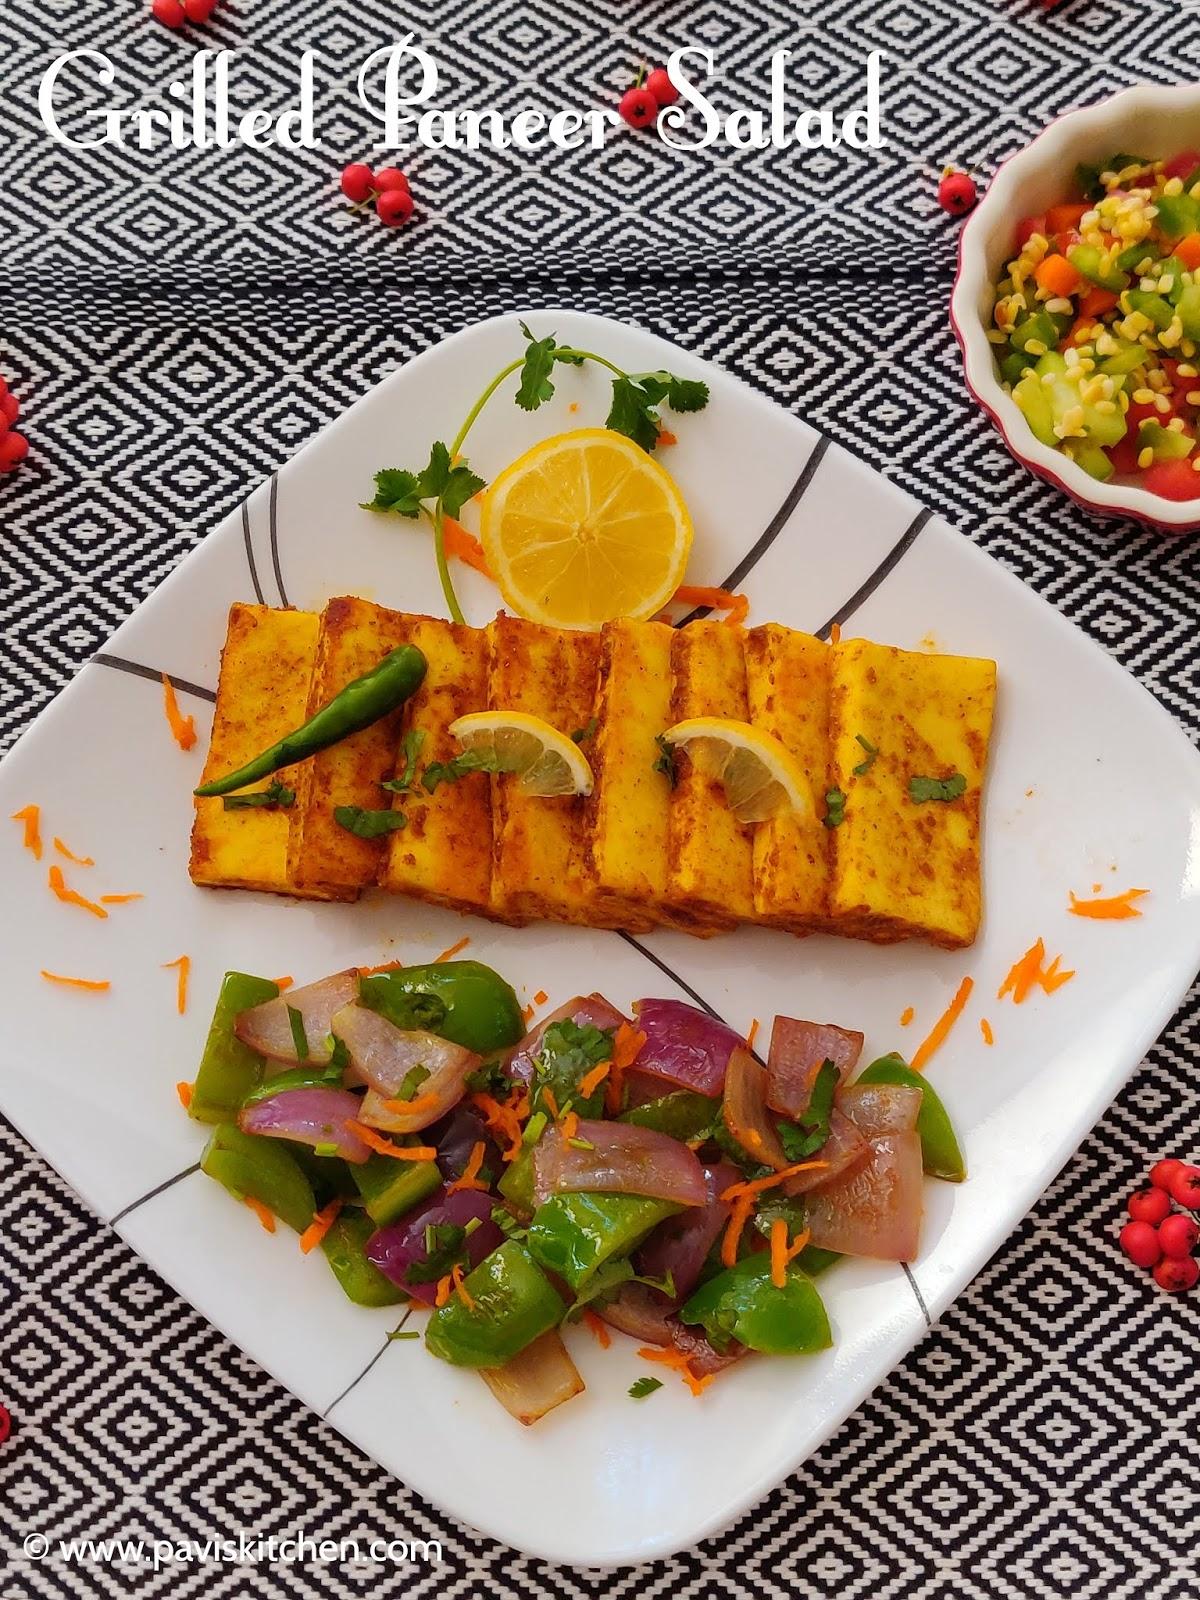 Grilled Paneer Recipe | Homemade Grilled Paneer Salad